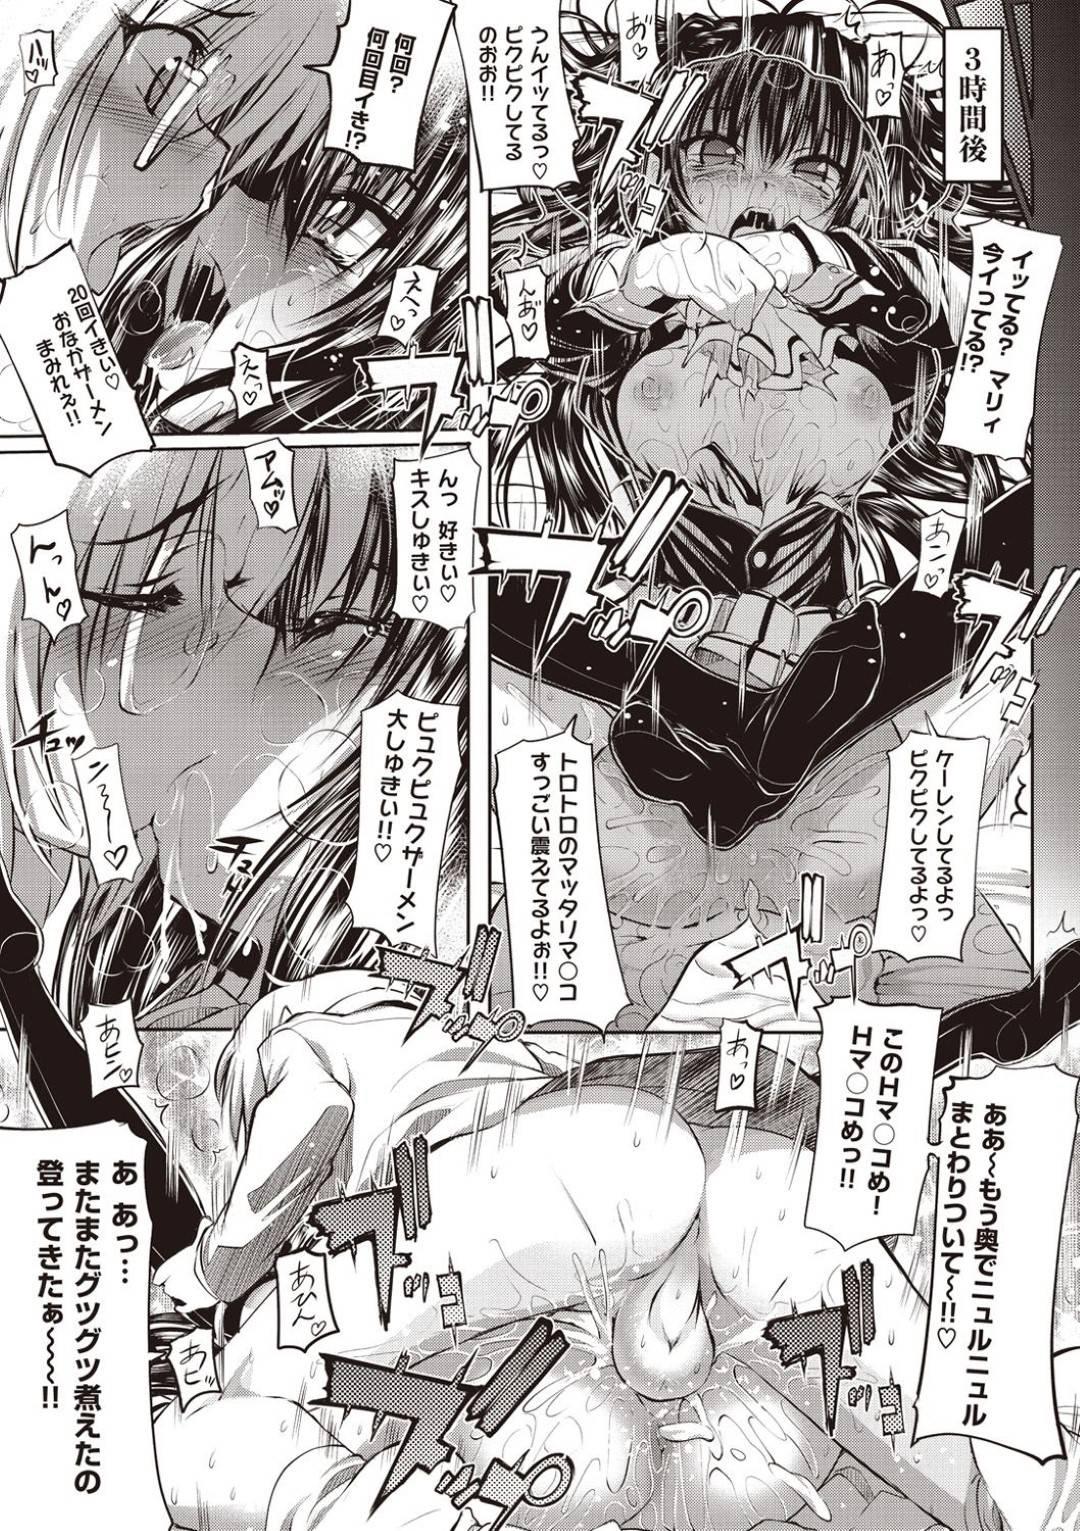 【エロ漫画】クラスに転校初日の挨拶をするバンパイア…突然チャームを使い人間たちを奴隷化!しかし術にかからなかったたった一人の男子生徒を拘束して逆レイプ!【モチ:死なずの姫君 一夜】